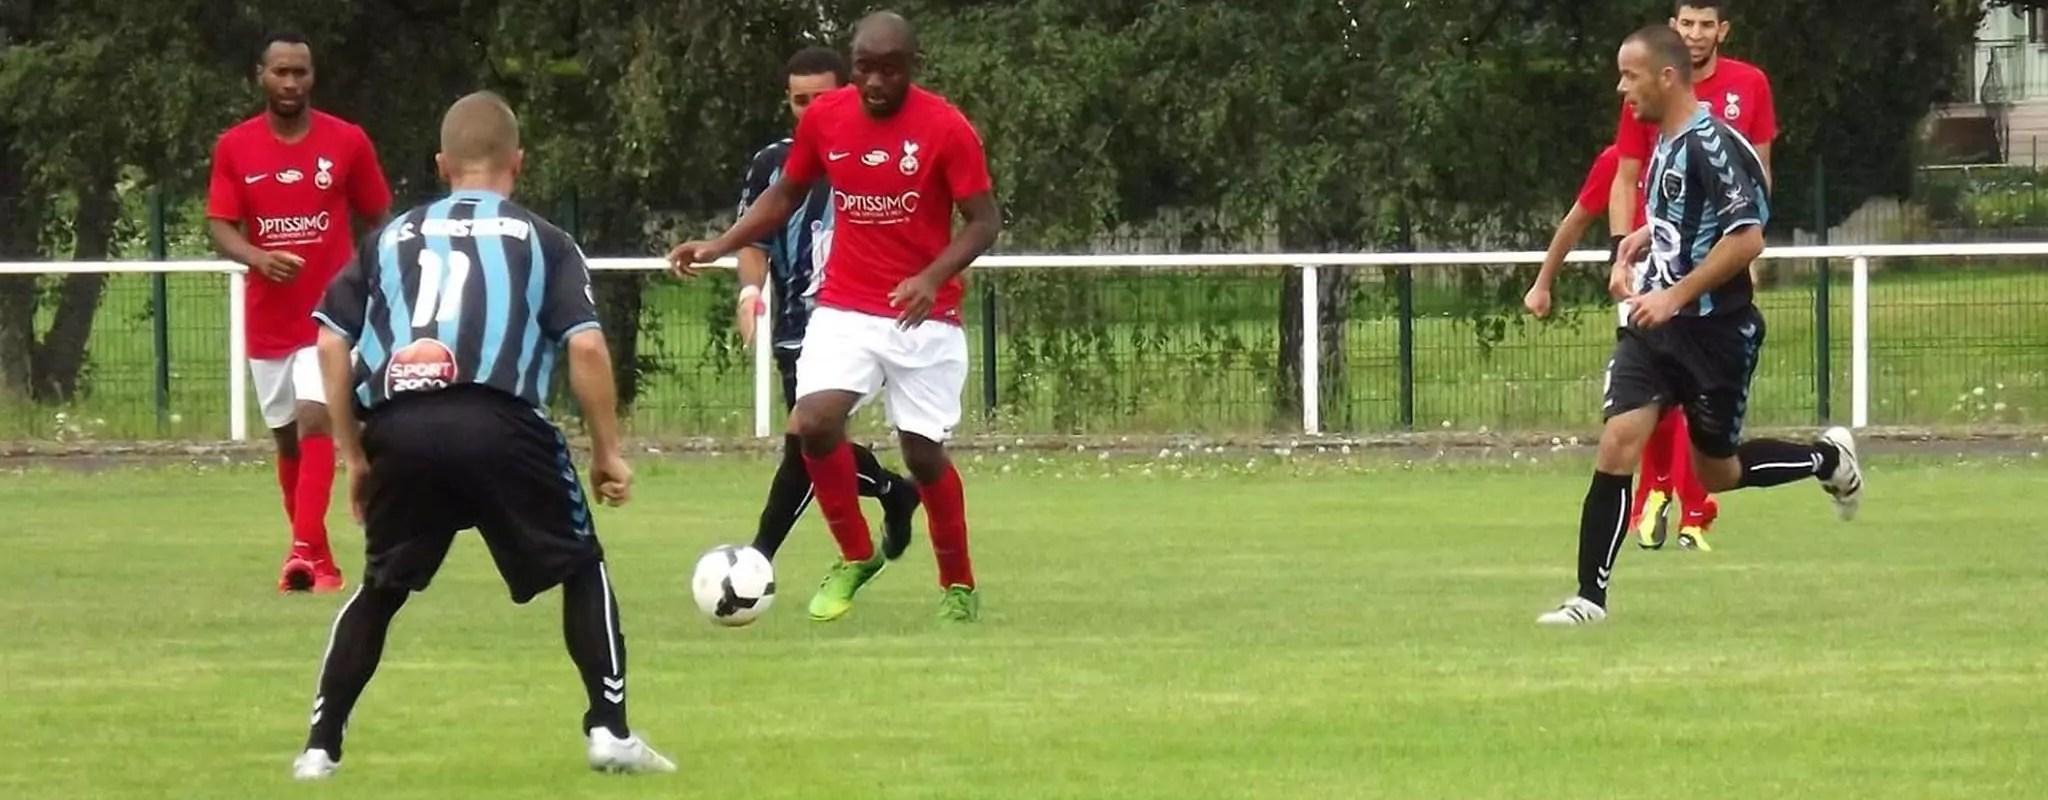 Racisme dans le foot amateur: la ligue sanctionne les agresseurs… et les victimes